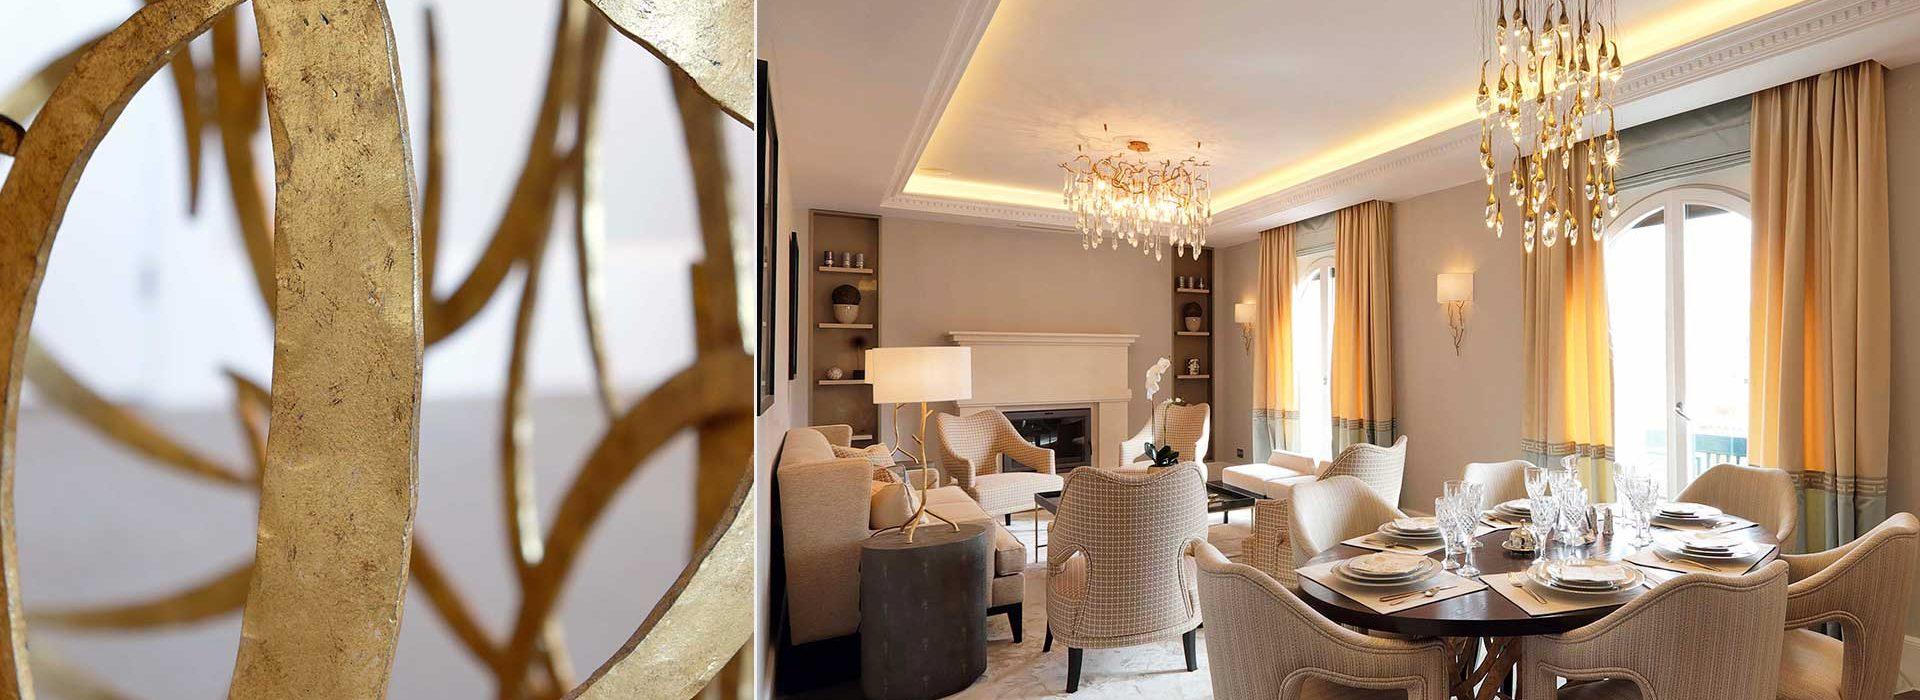 MADRID-RESIDENTIAL-APARTMENT-03-Dome-interior-design-Geneve-Suisse